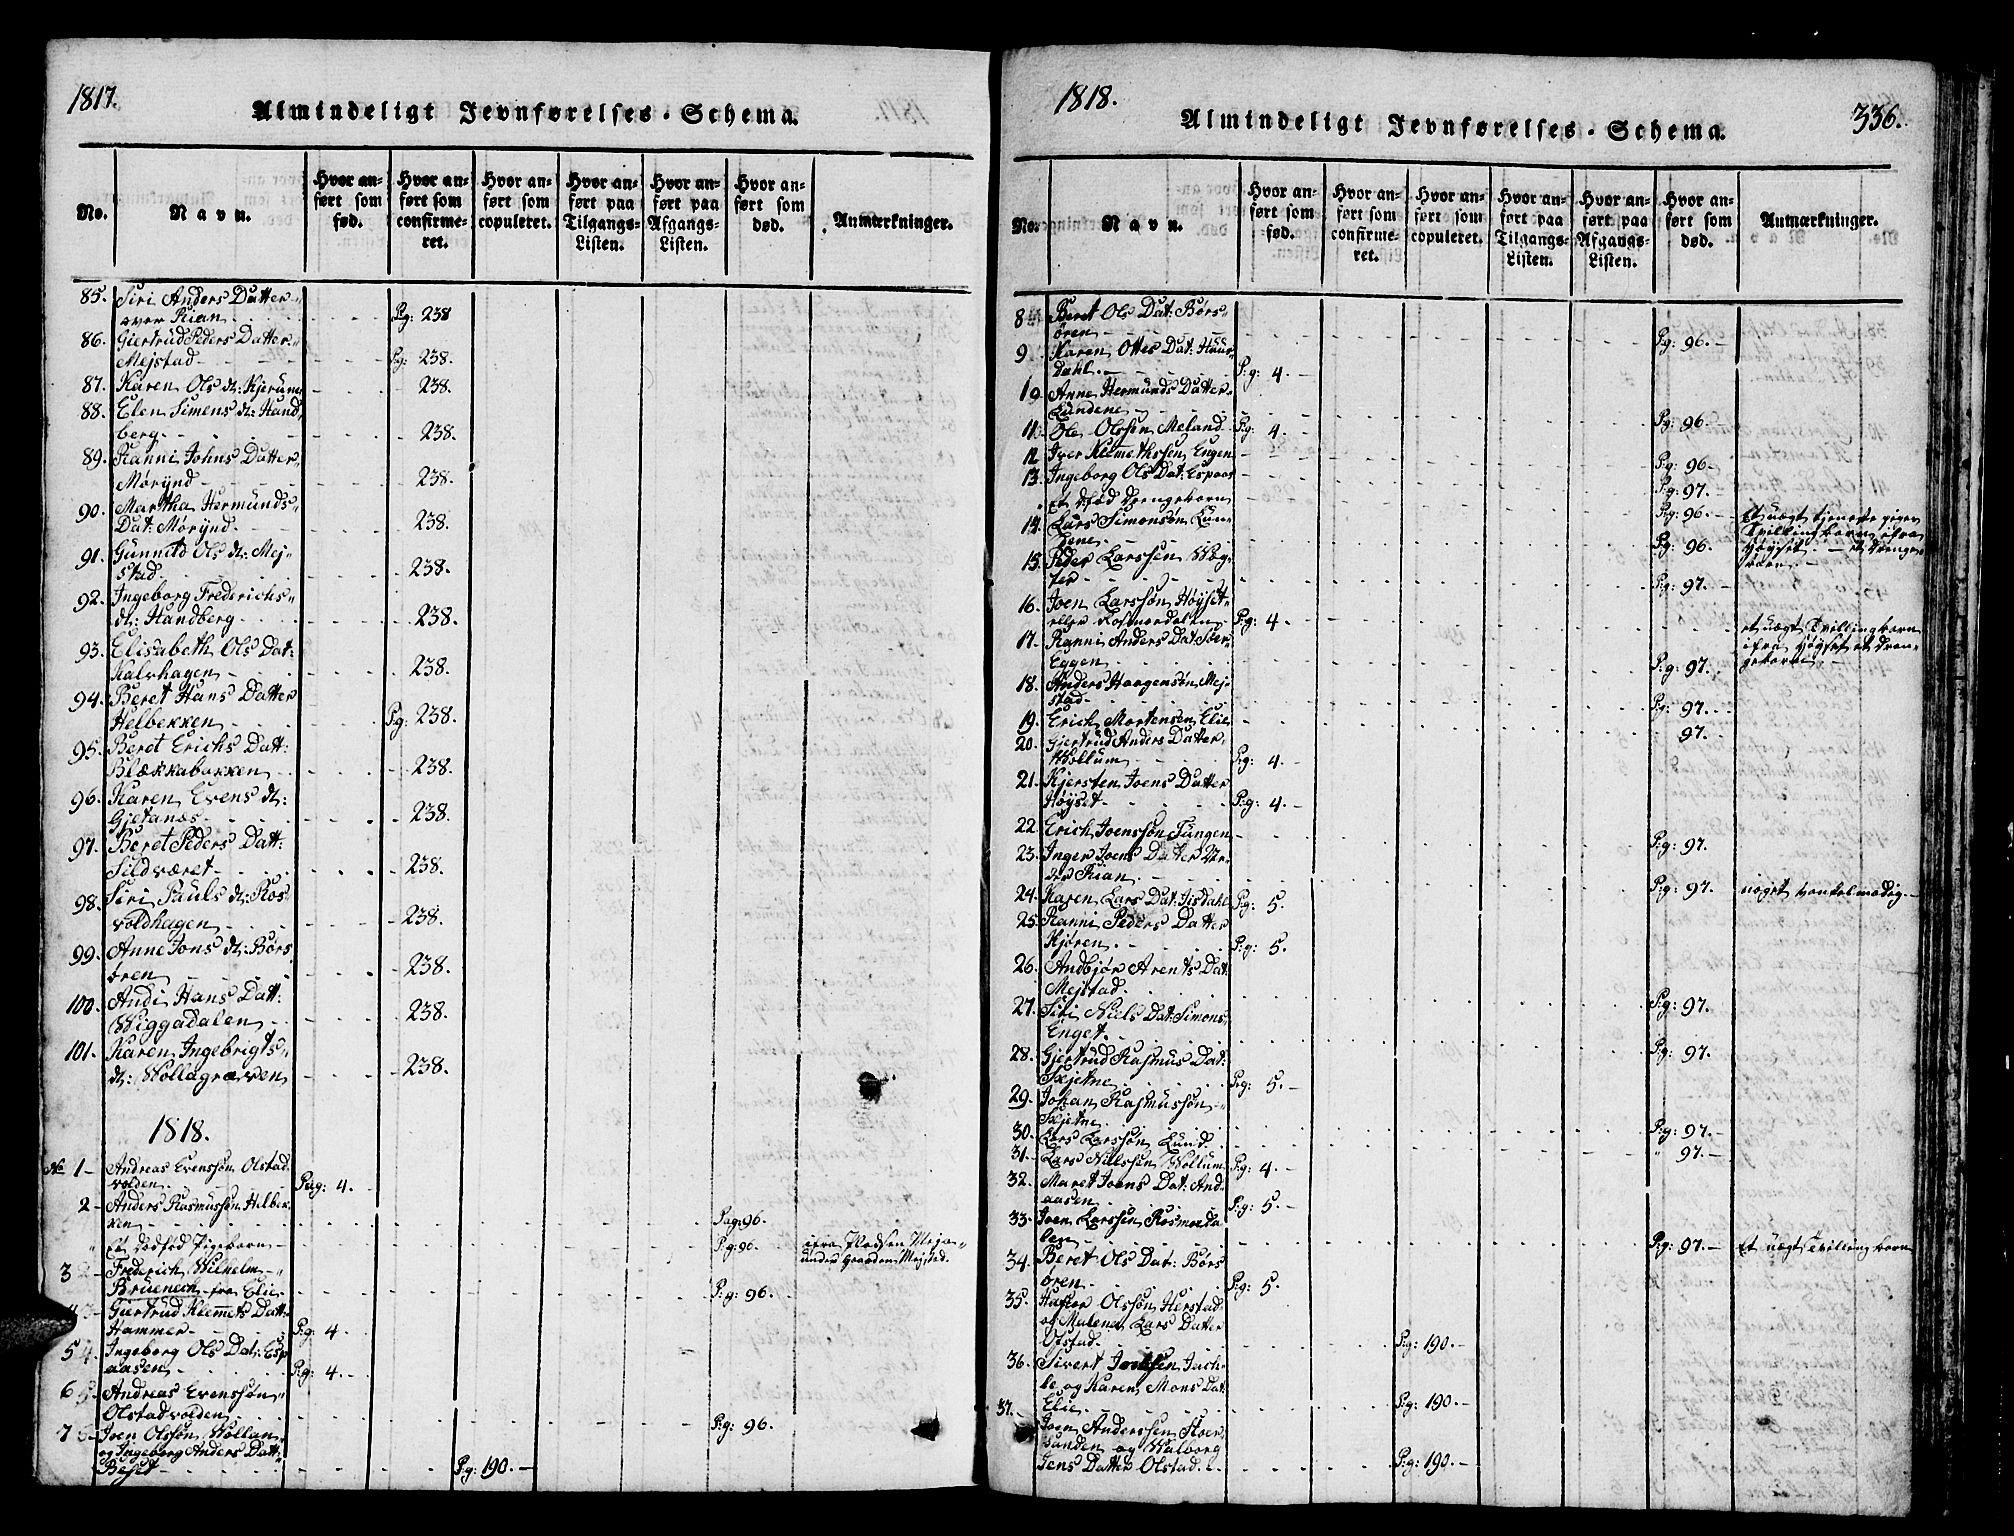 SAT, Ministerialprotokoller, klokkerbøker og fødselsregistre - Sør-Trøndelag, 665/L0776: Klokkerbok nr. 665C01, 1817-1837, s. 336